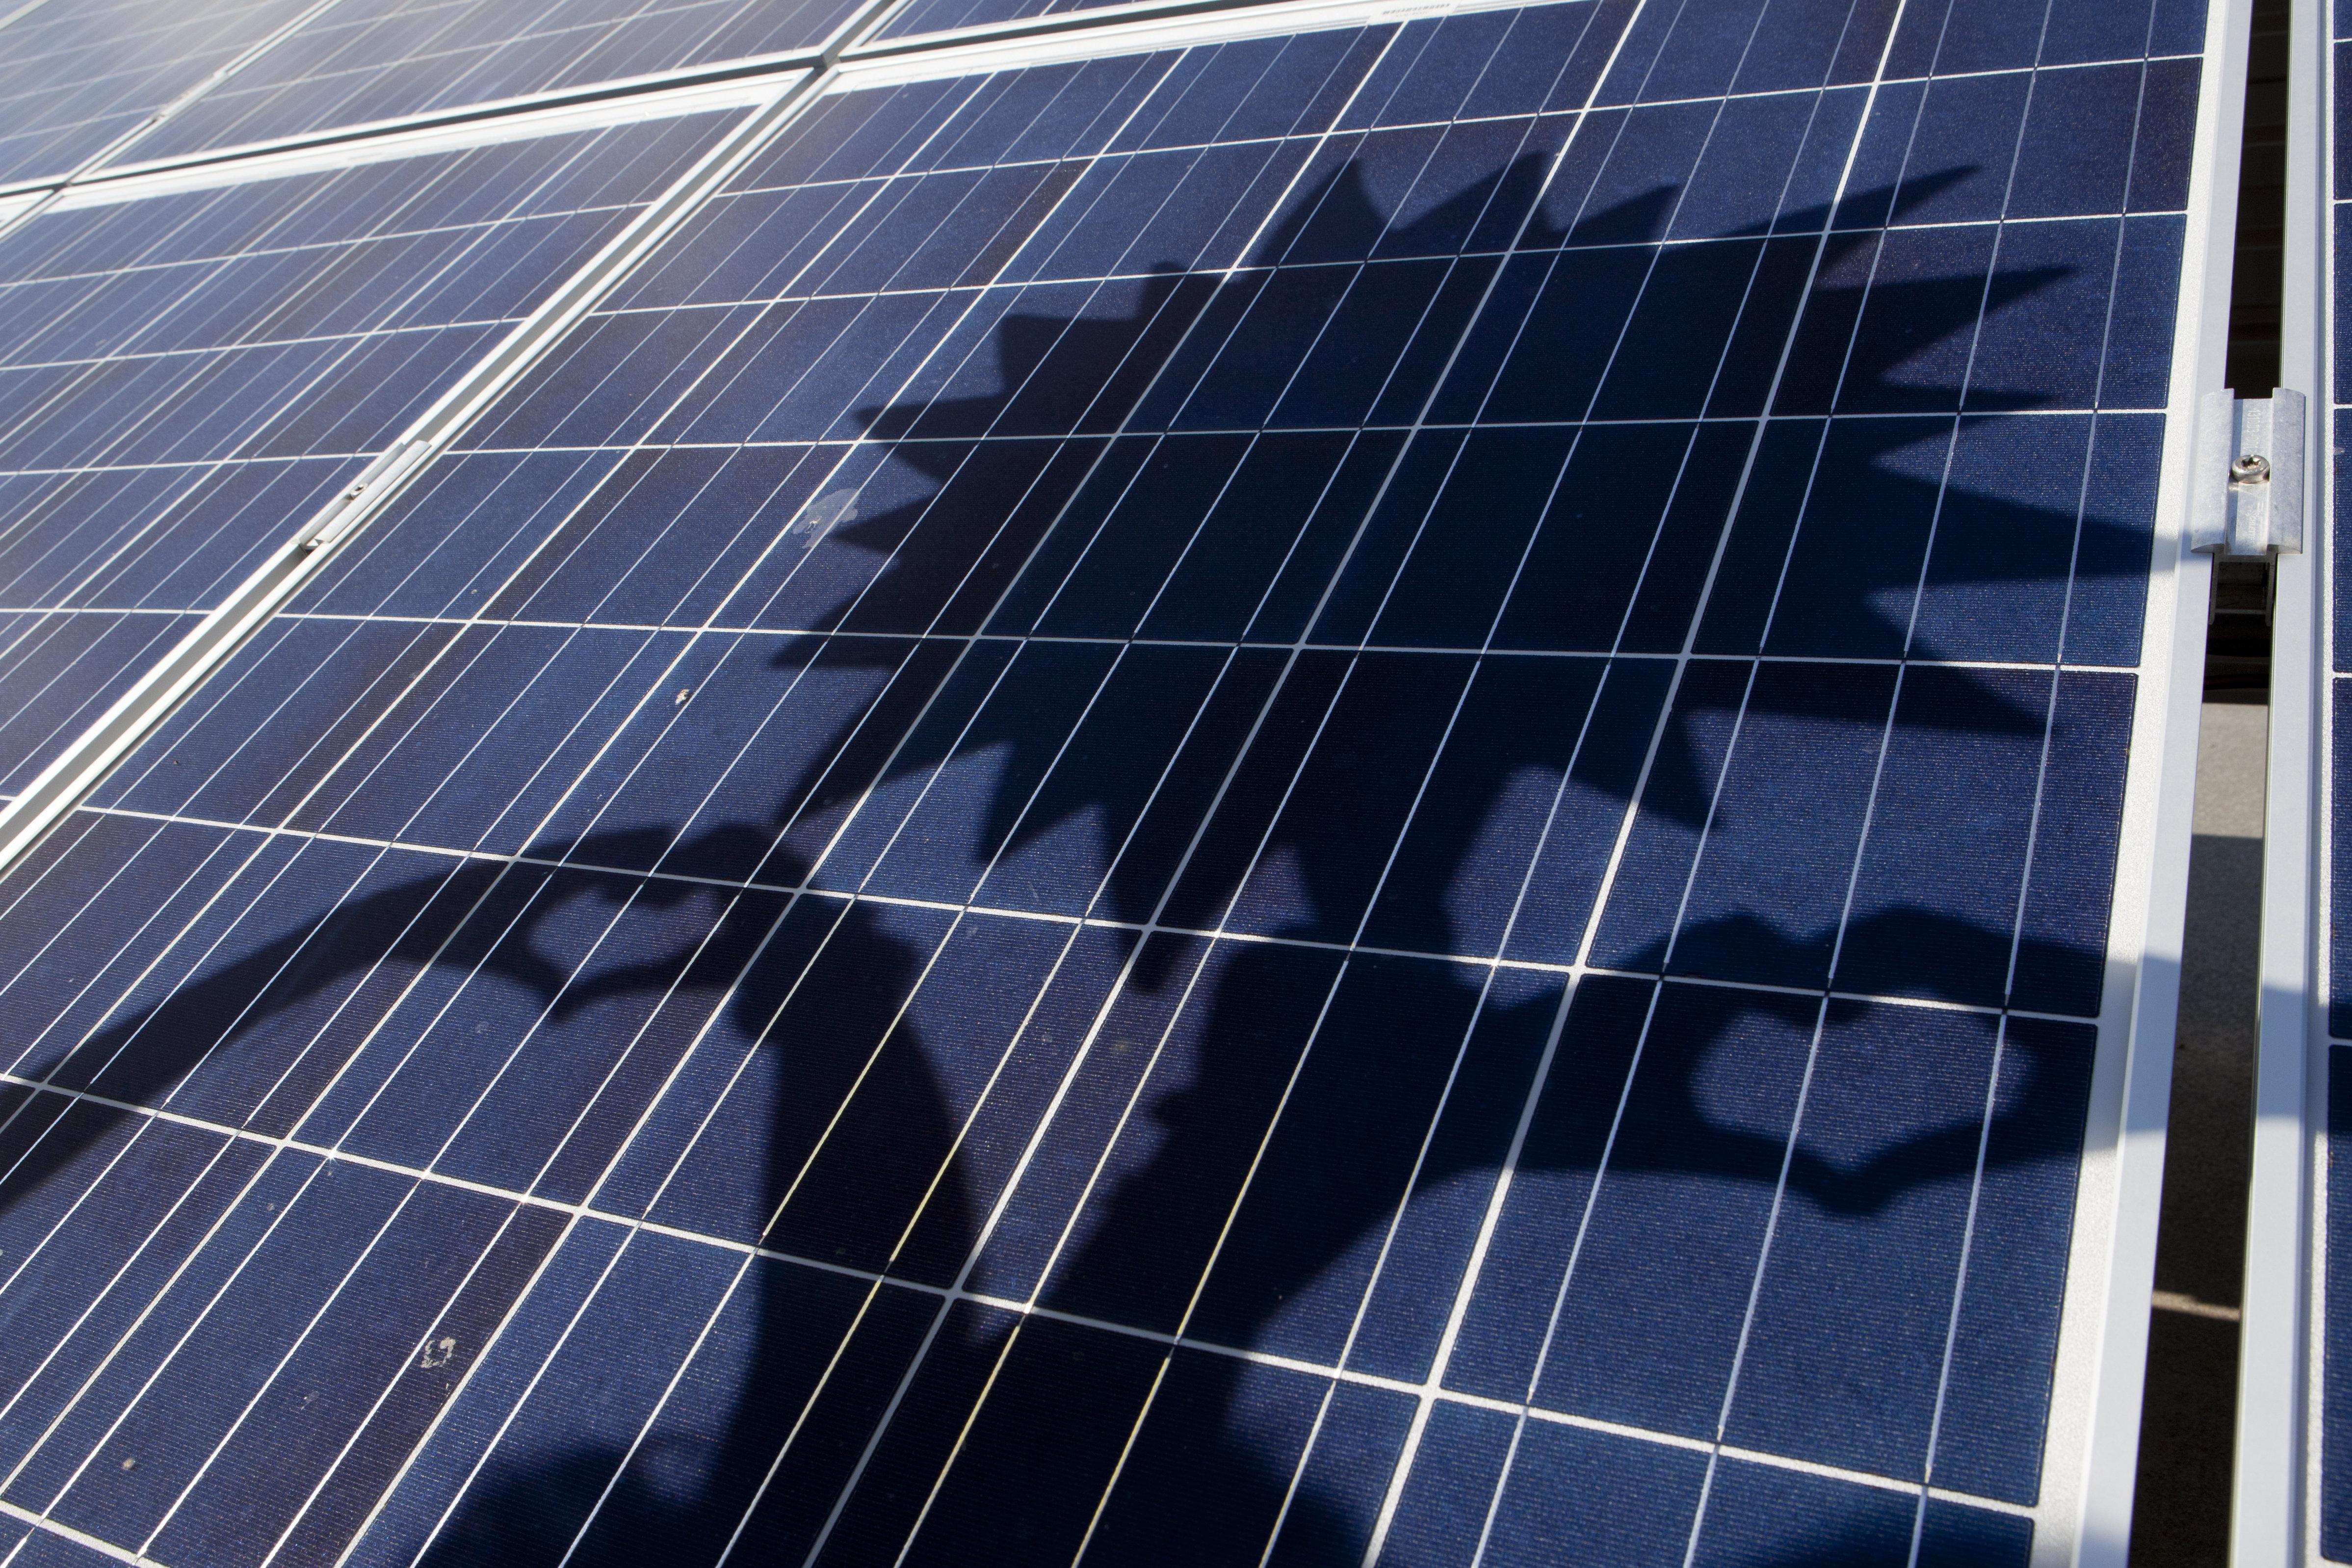 Η ηλιακή κοινωνική πολιτική με απλά